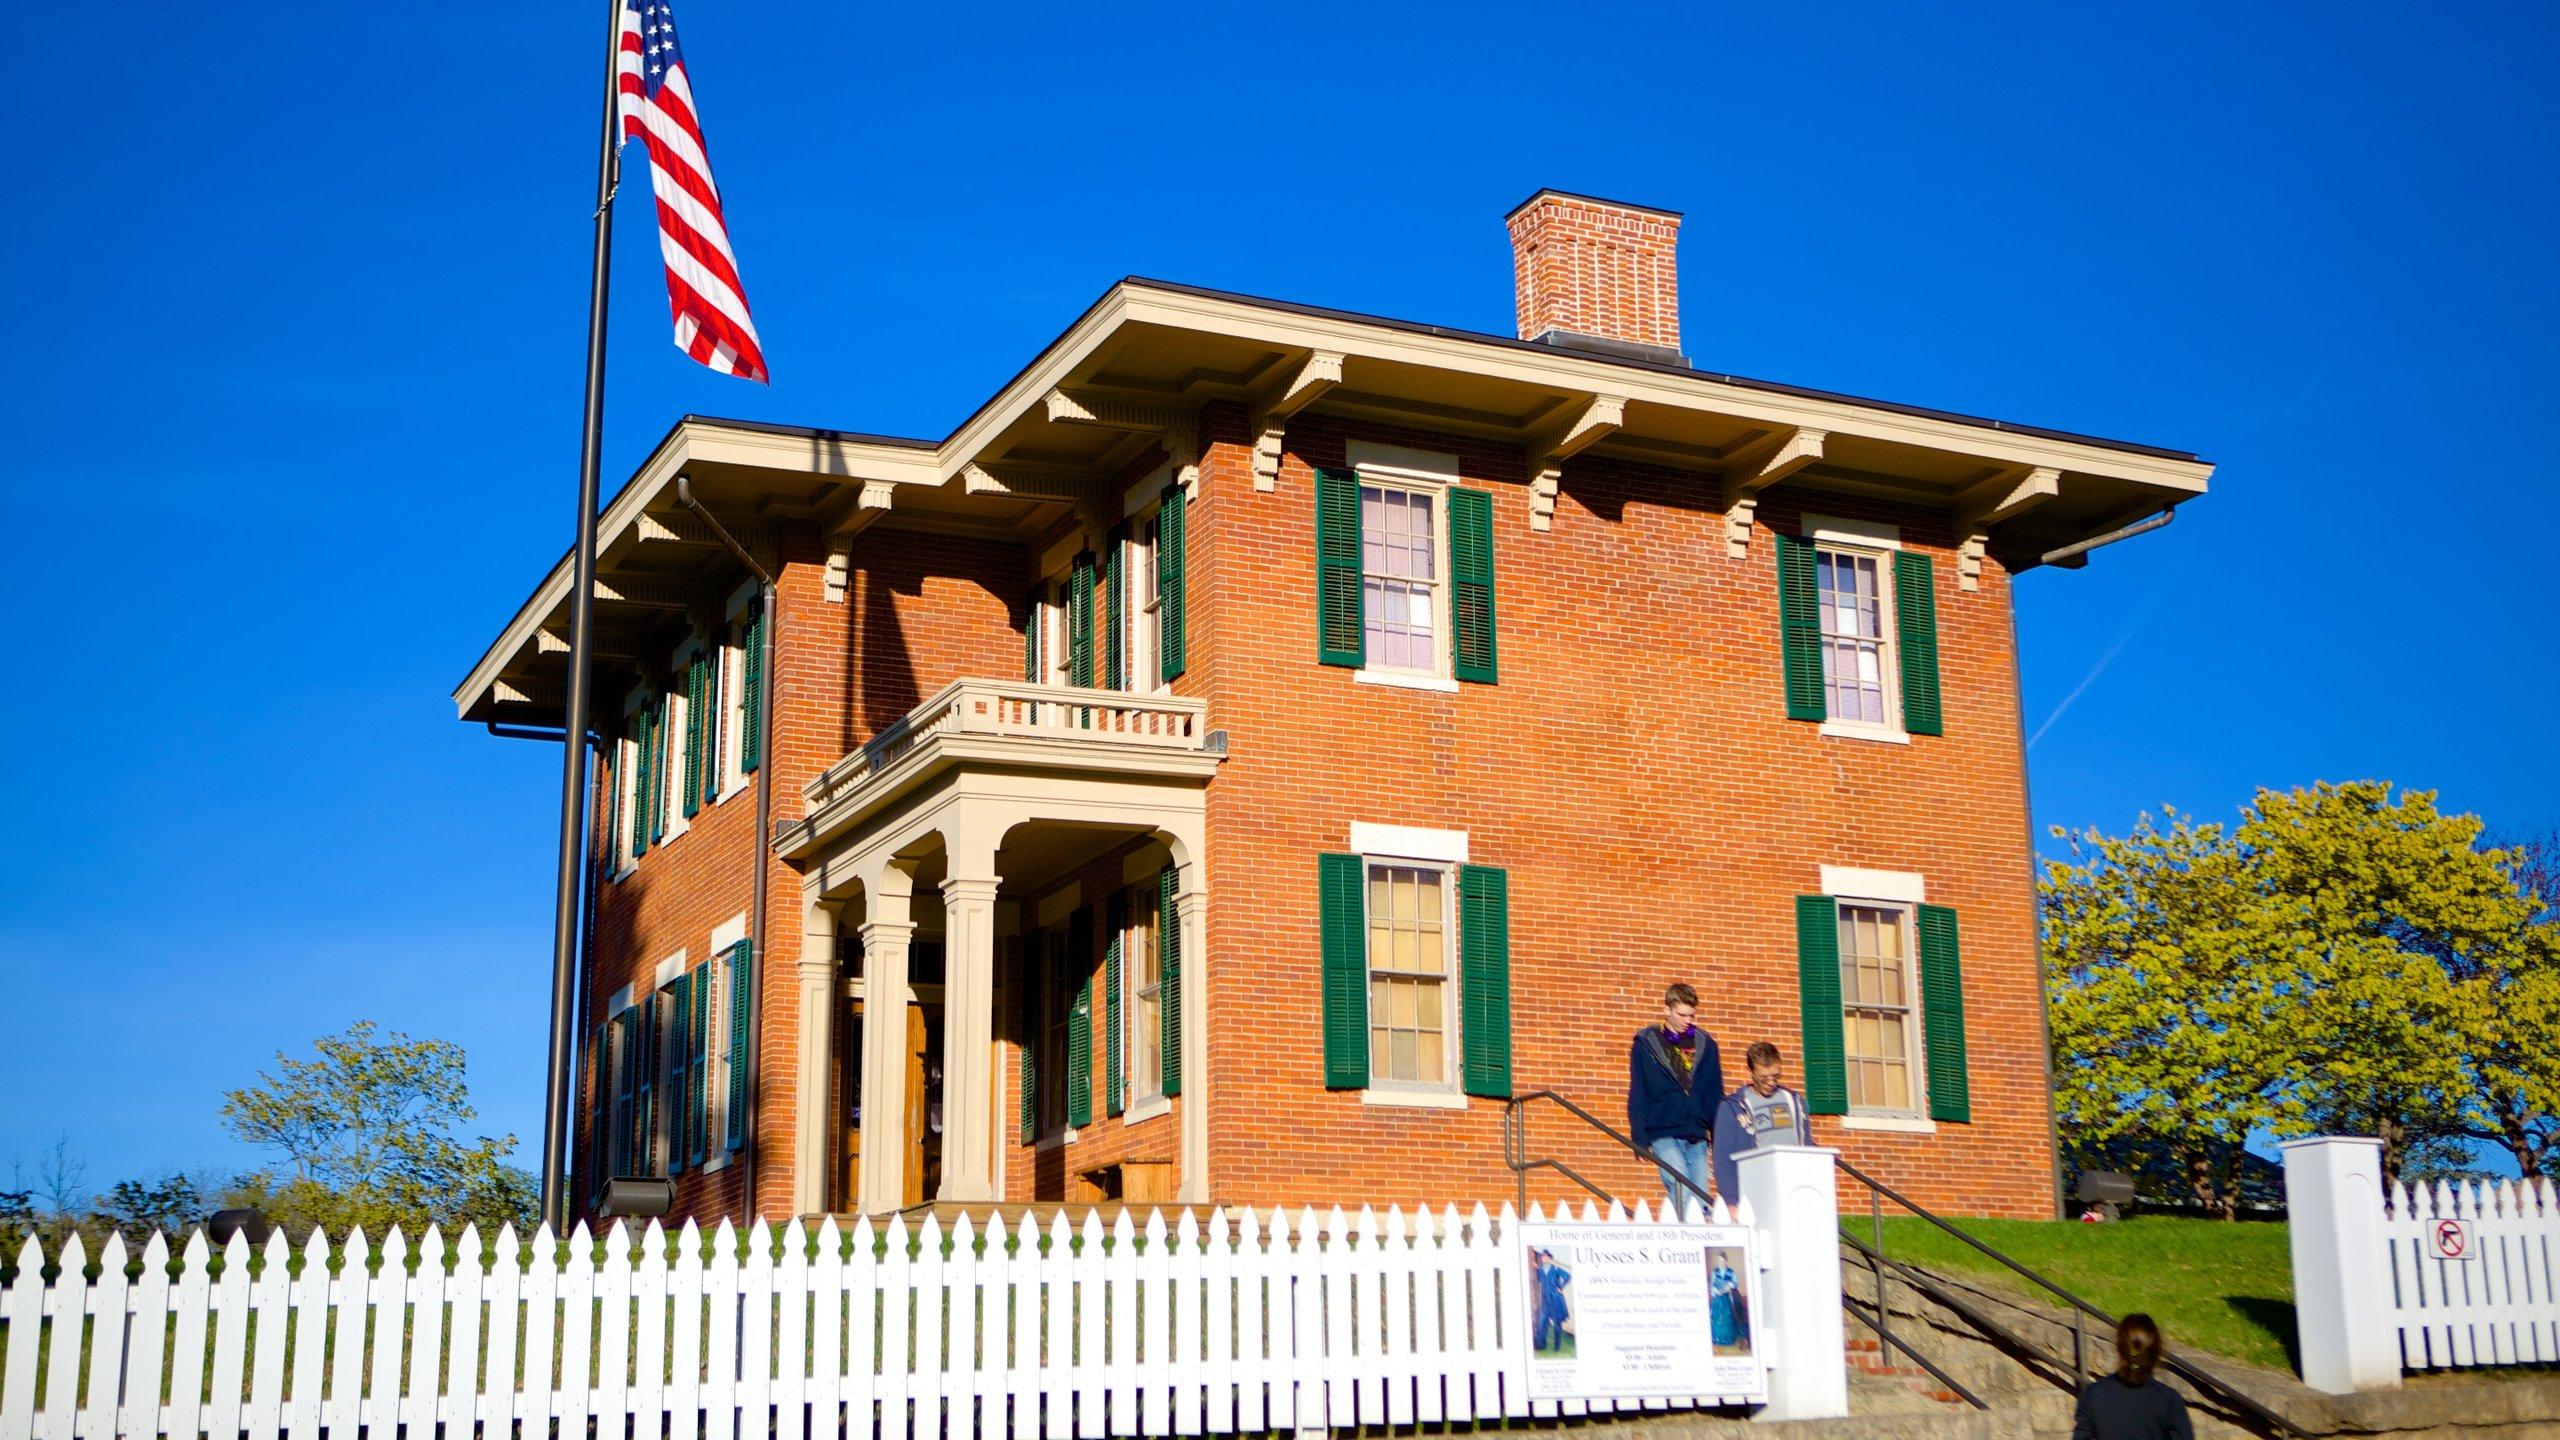 Grant Home, Galena, Illinois, USA